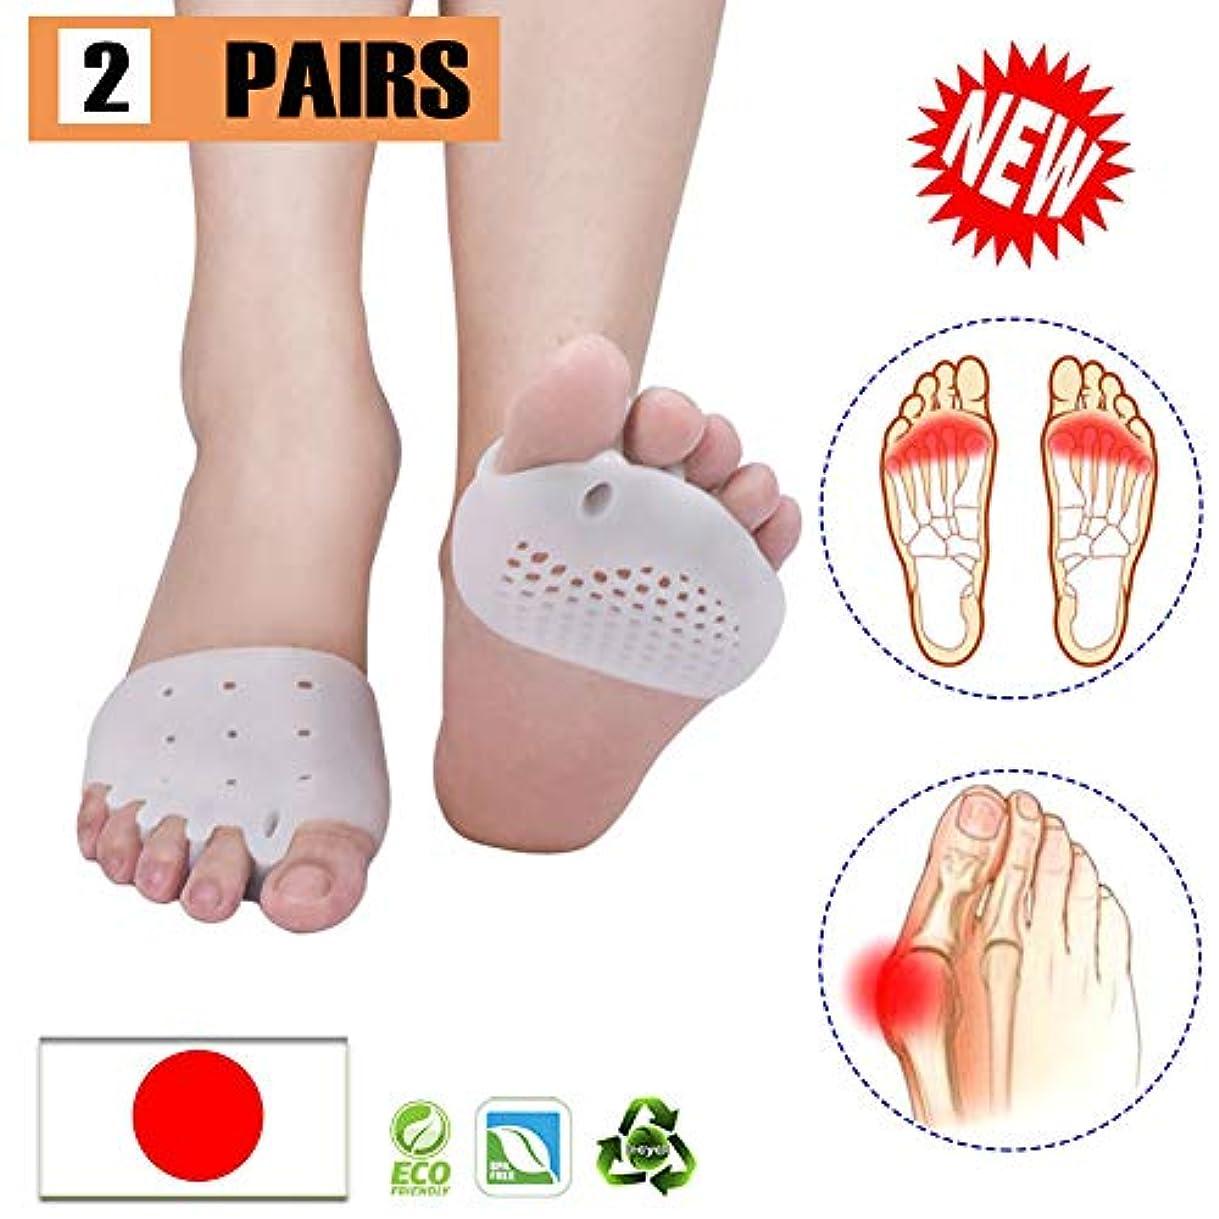 群集天才形式Pnrskter足裏保護パッド 中足前足パッド 通気性 柔らかい ジェル 糖尿病の足に最適 カルス 水疱 前足痛 男性のための両方の足に使用することができます (白(4ピース))